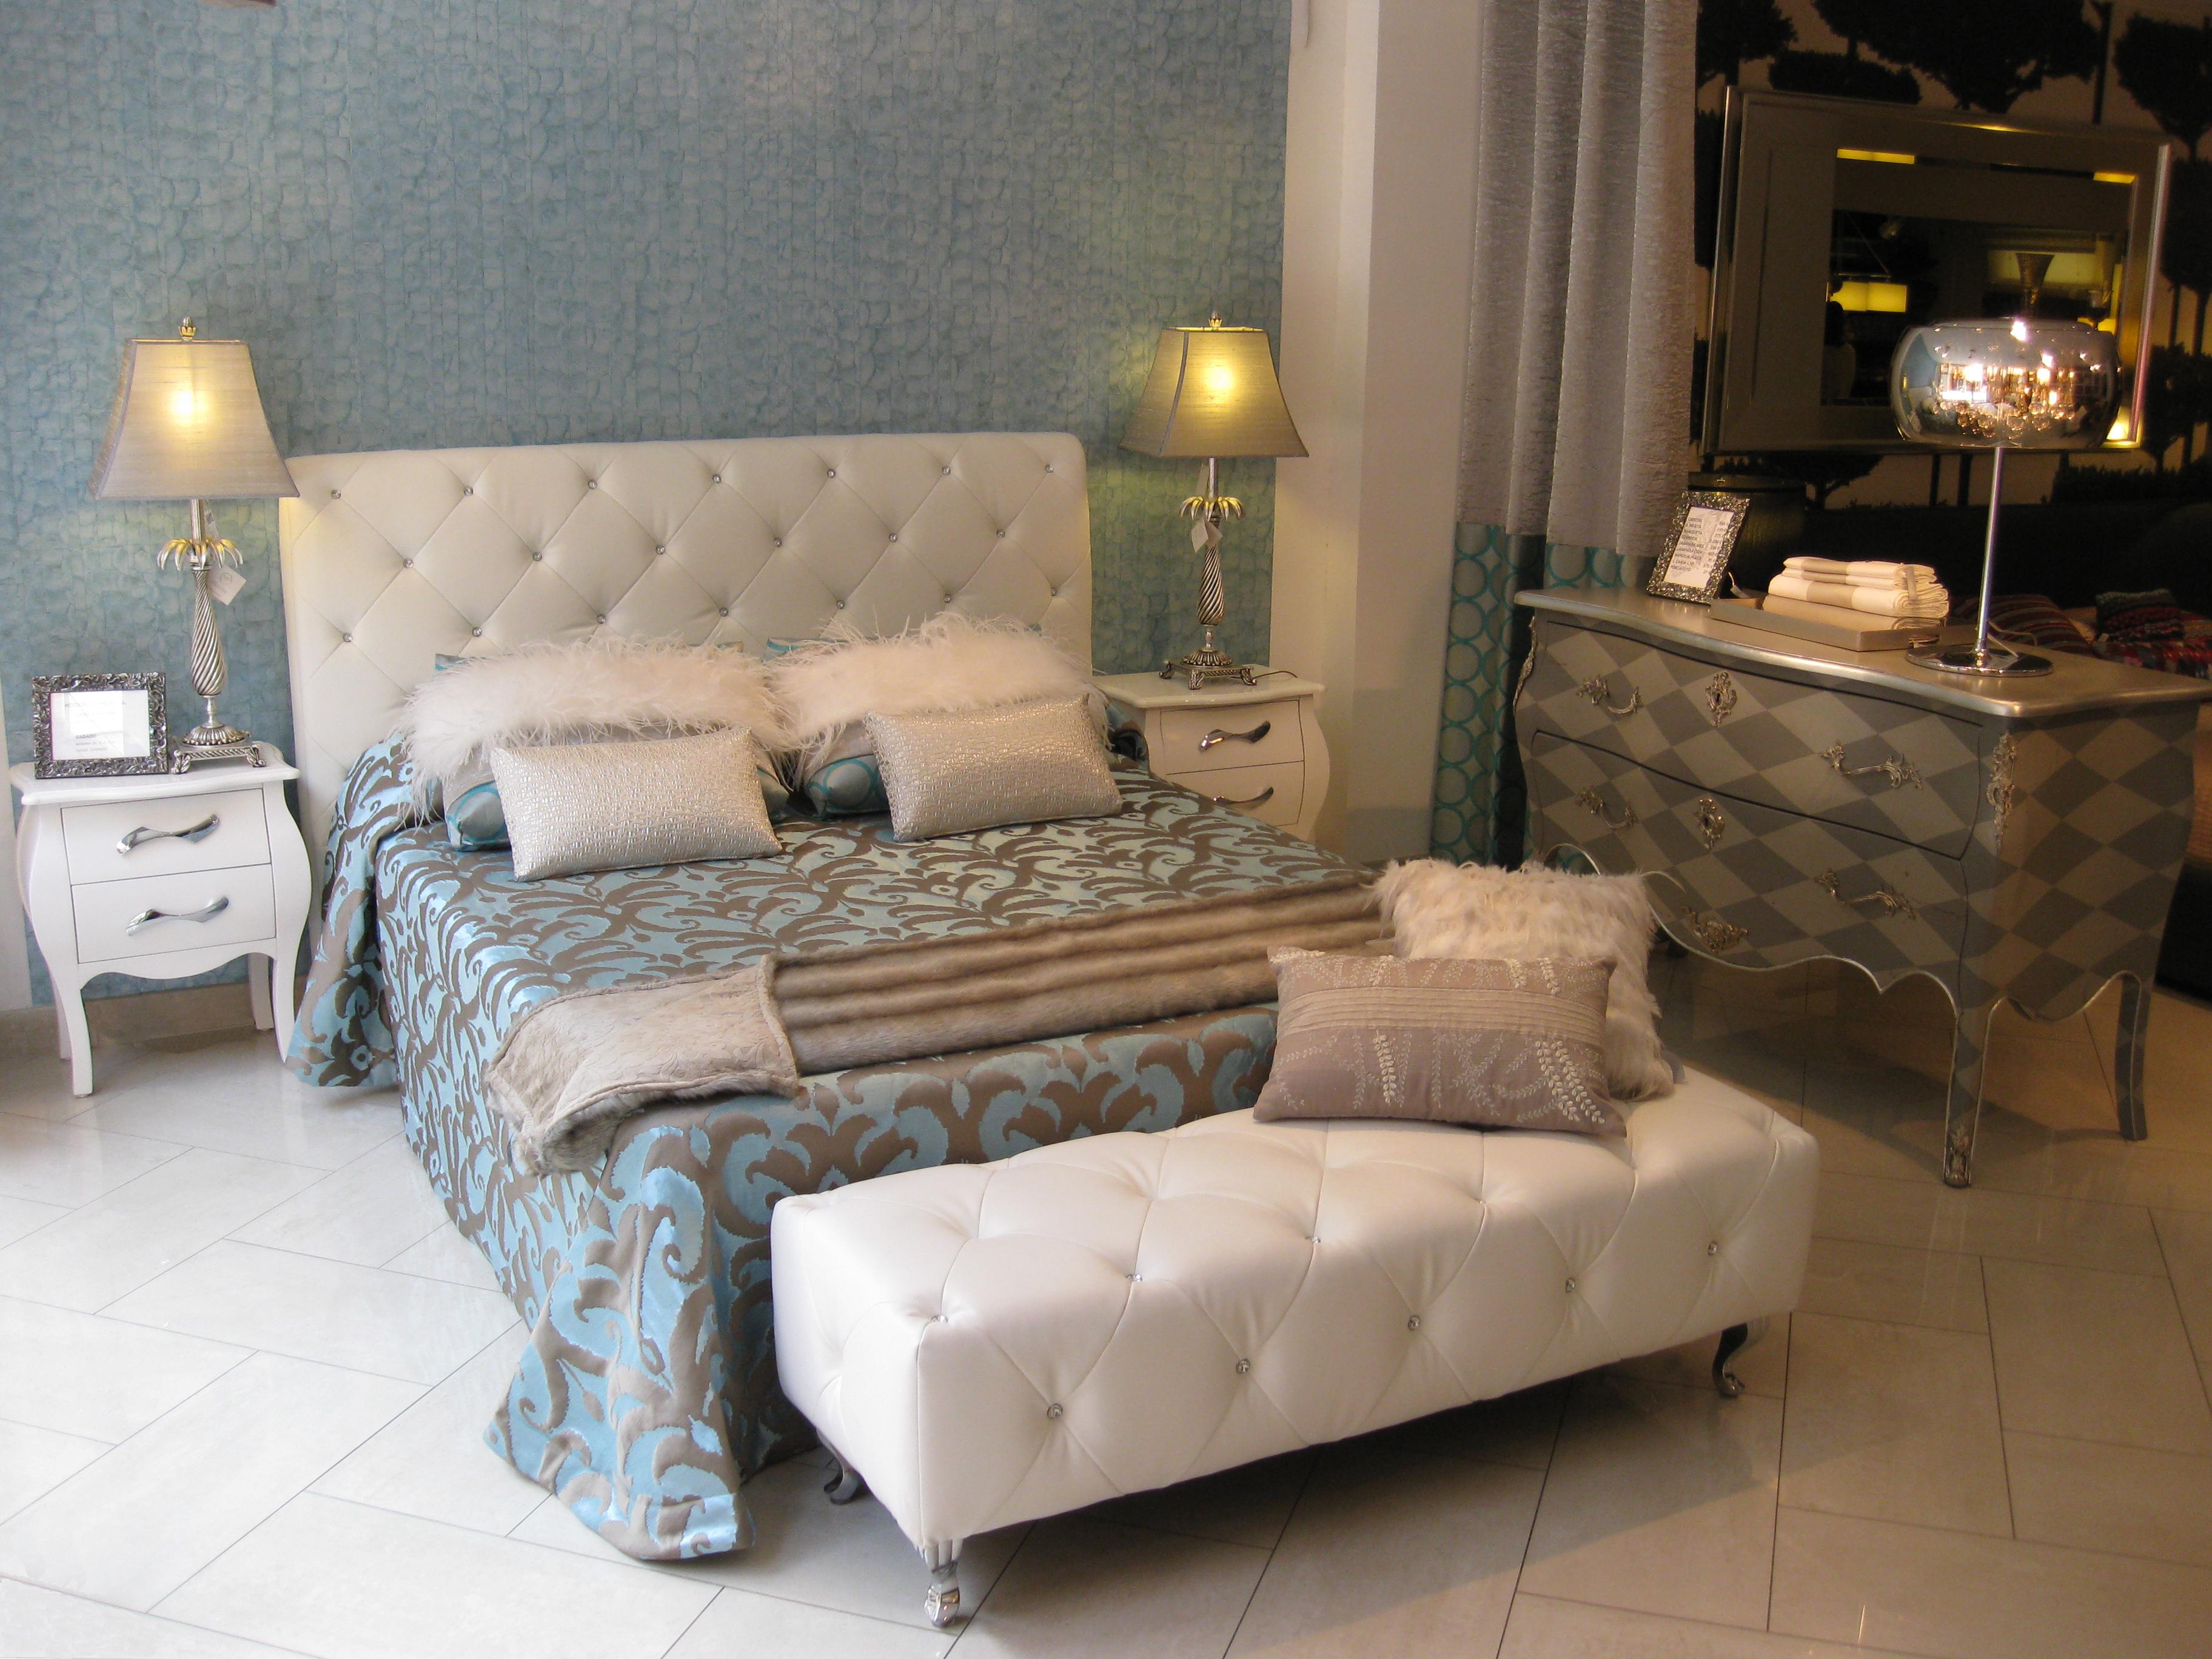 C mo conseguir un dormitorio relajante villalba interiorismo - Banquetas dormitorio ...